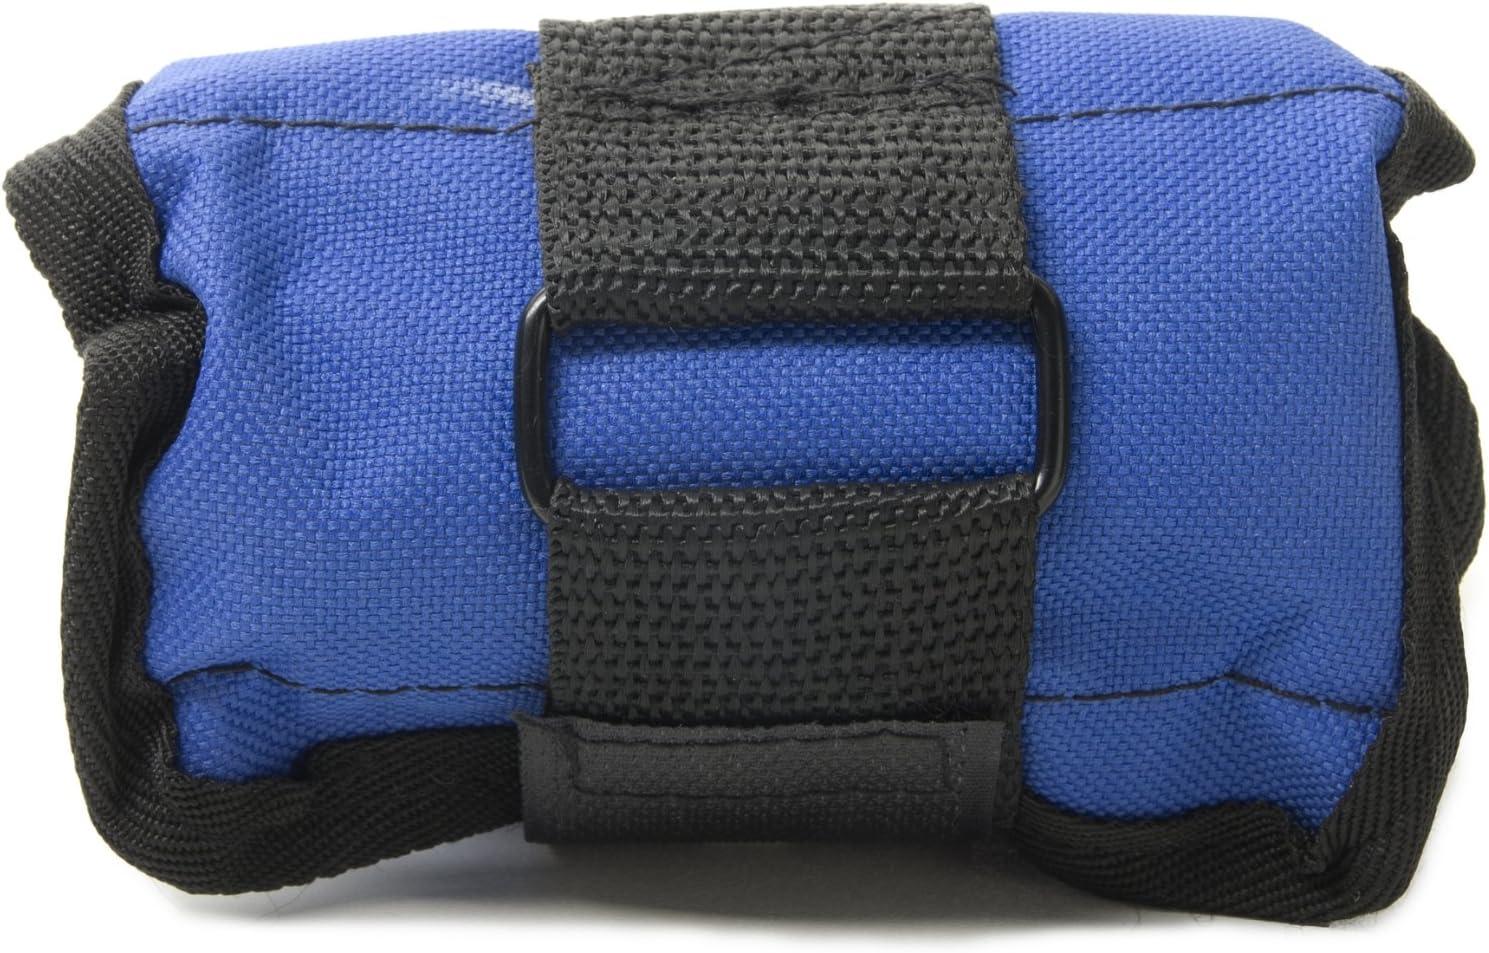 FA Sports Kepai Sandbag KL 2604 415 - Muñequeras con Peso (28 x 12 x 1 cm), Color Negro y Azul